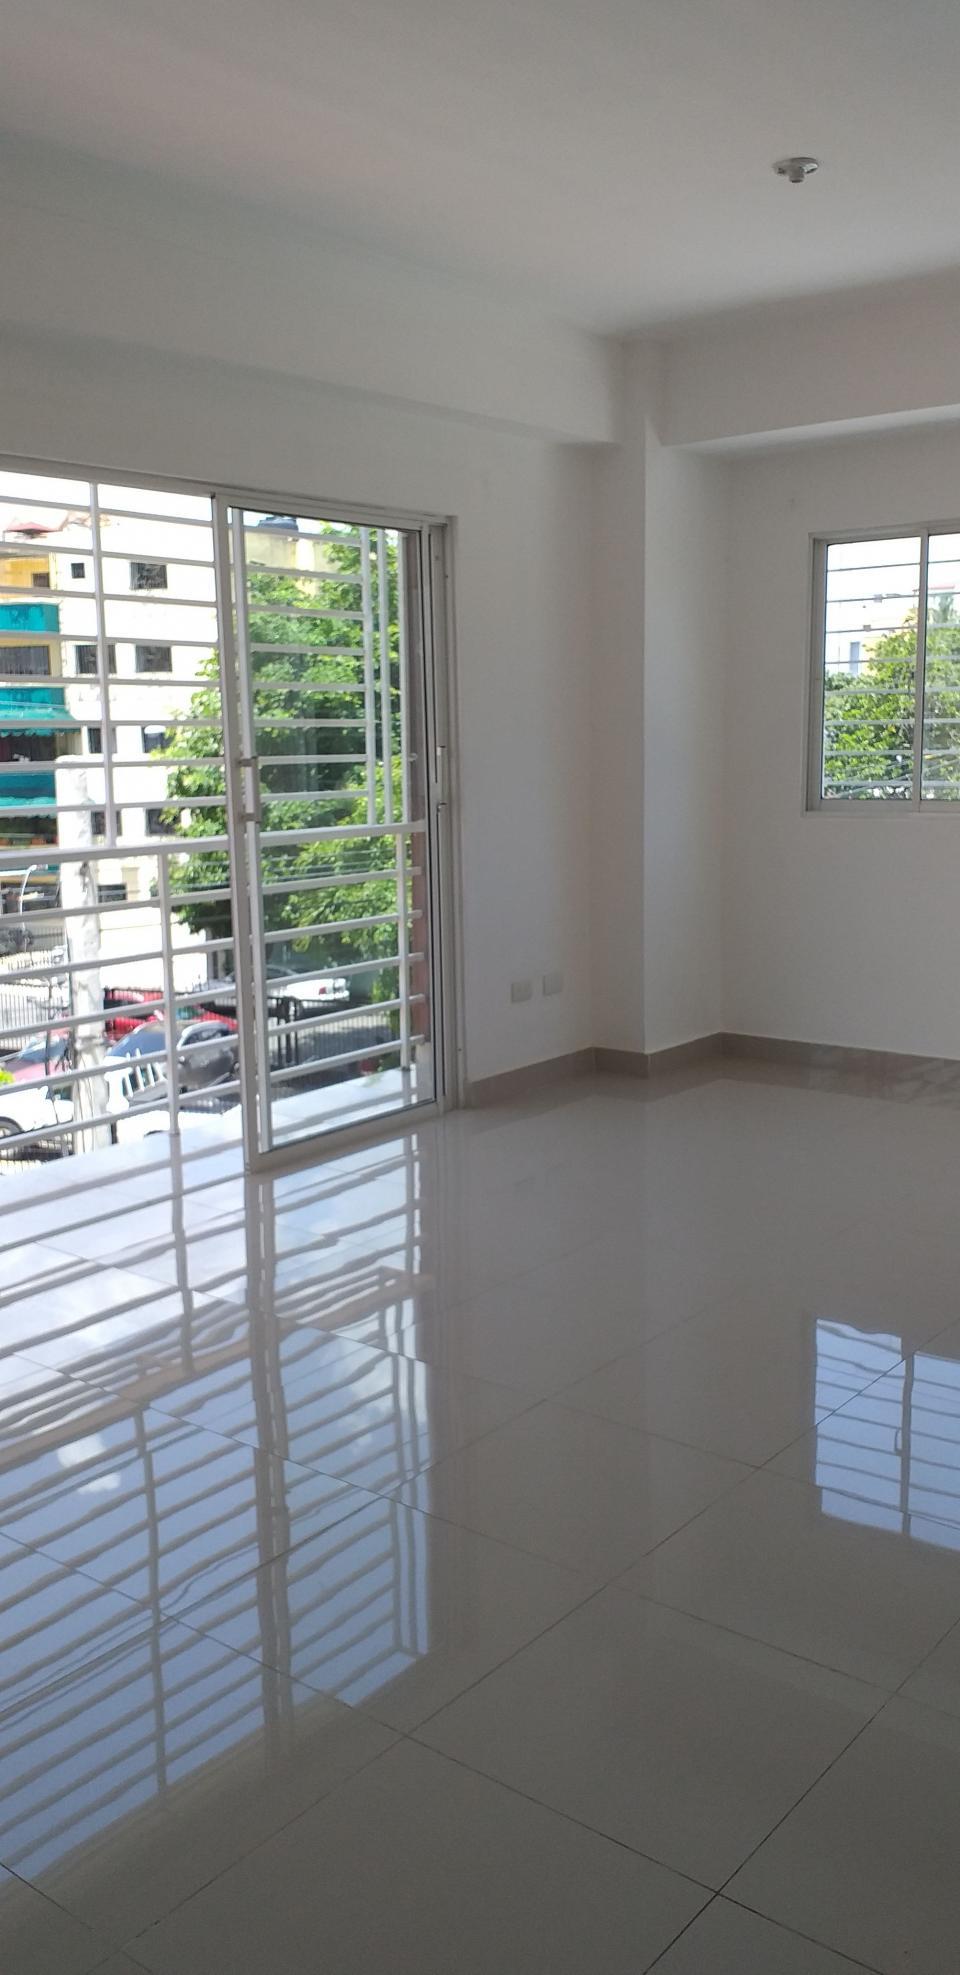 Apartamento en venta en el sector MIRADOR NORTE precio RD$ 5,700,000.00 RD$5,700,000